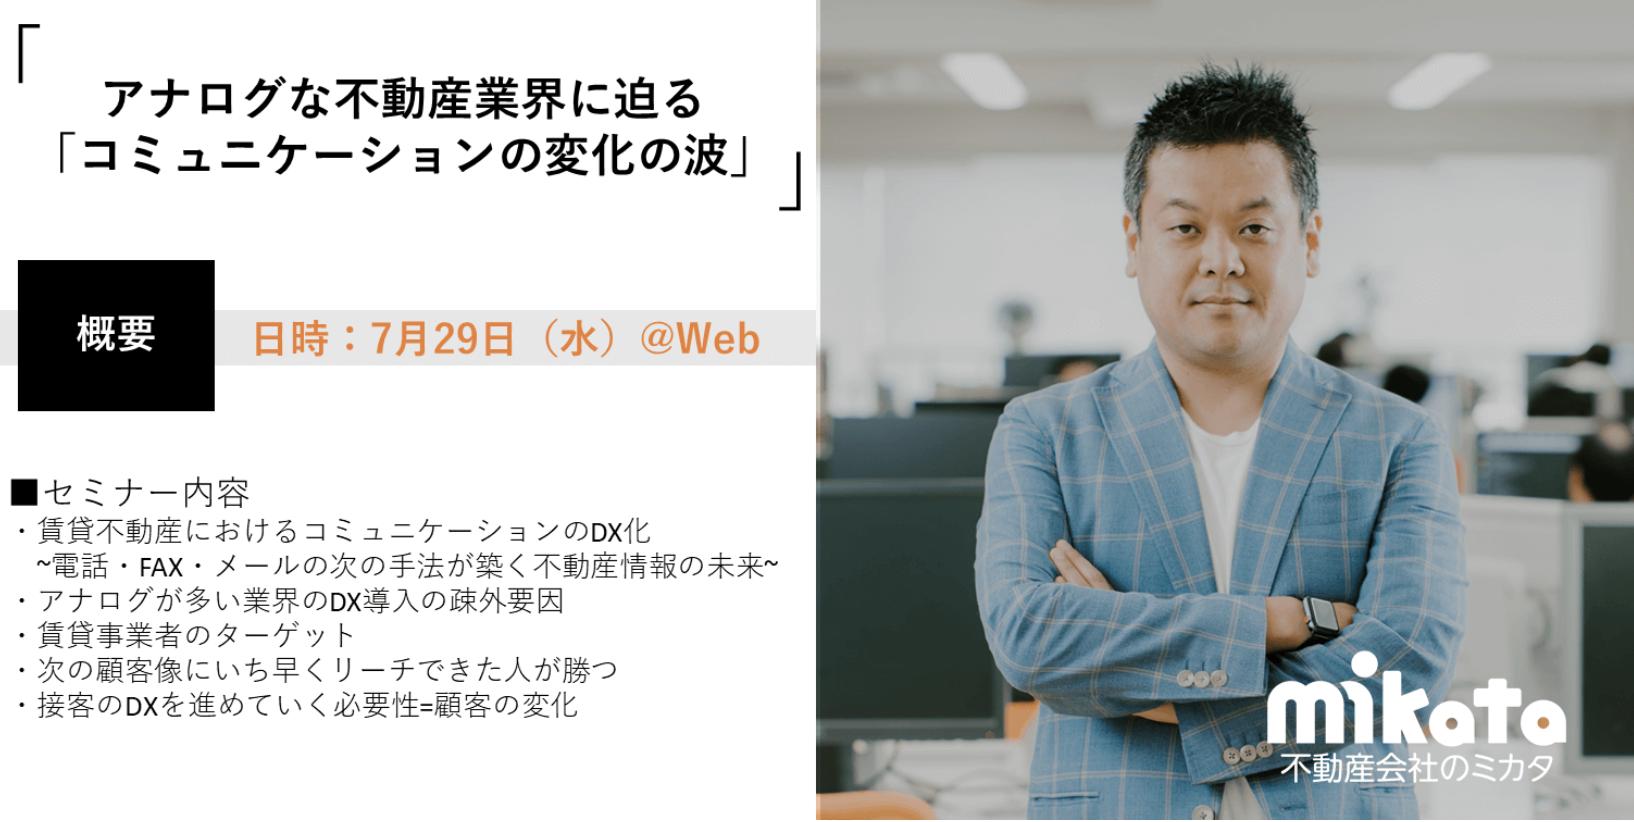 【7.29ウェビナー開催】アナログな不動産業界に迫る「コミュニケーション変化の波」